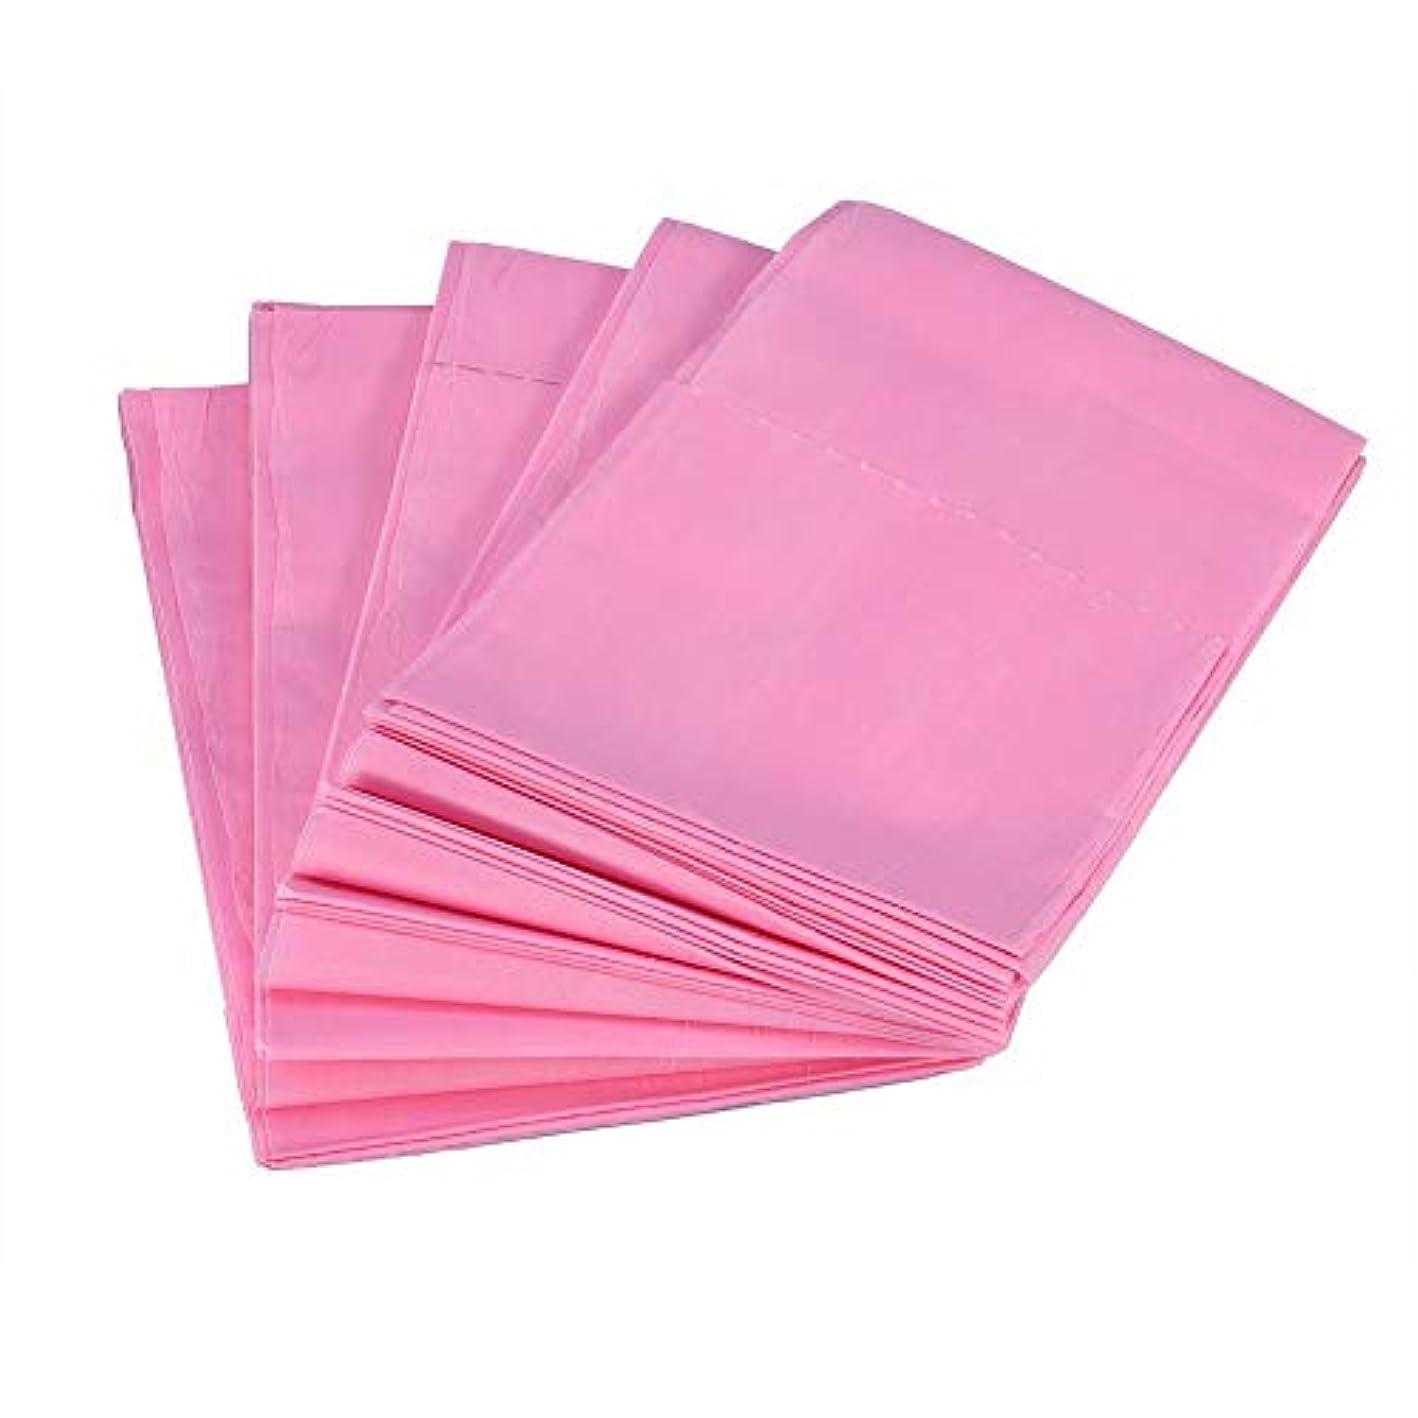 気楽な終わらせる損なう使い捨てベッドシーツ、10個175 x 75cm不織布使い捨て防水シーツマッサージビューティーカバー(ピンク)